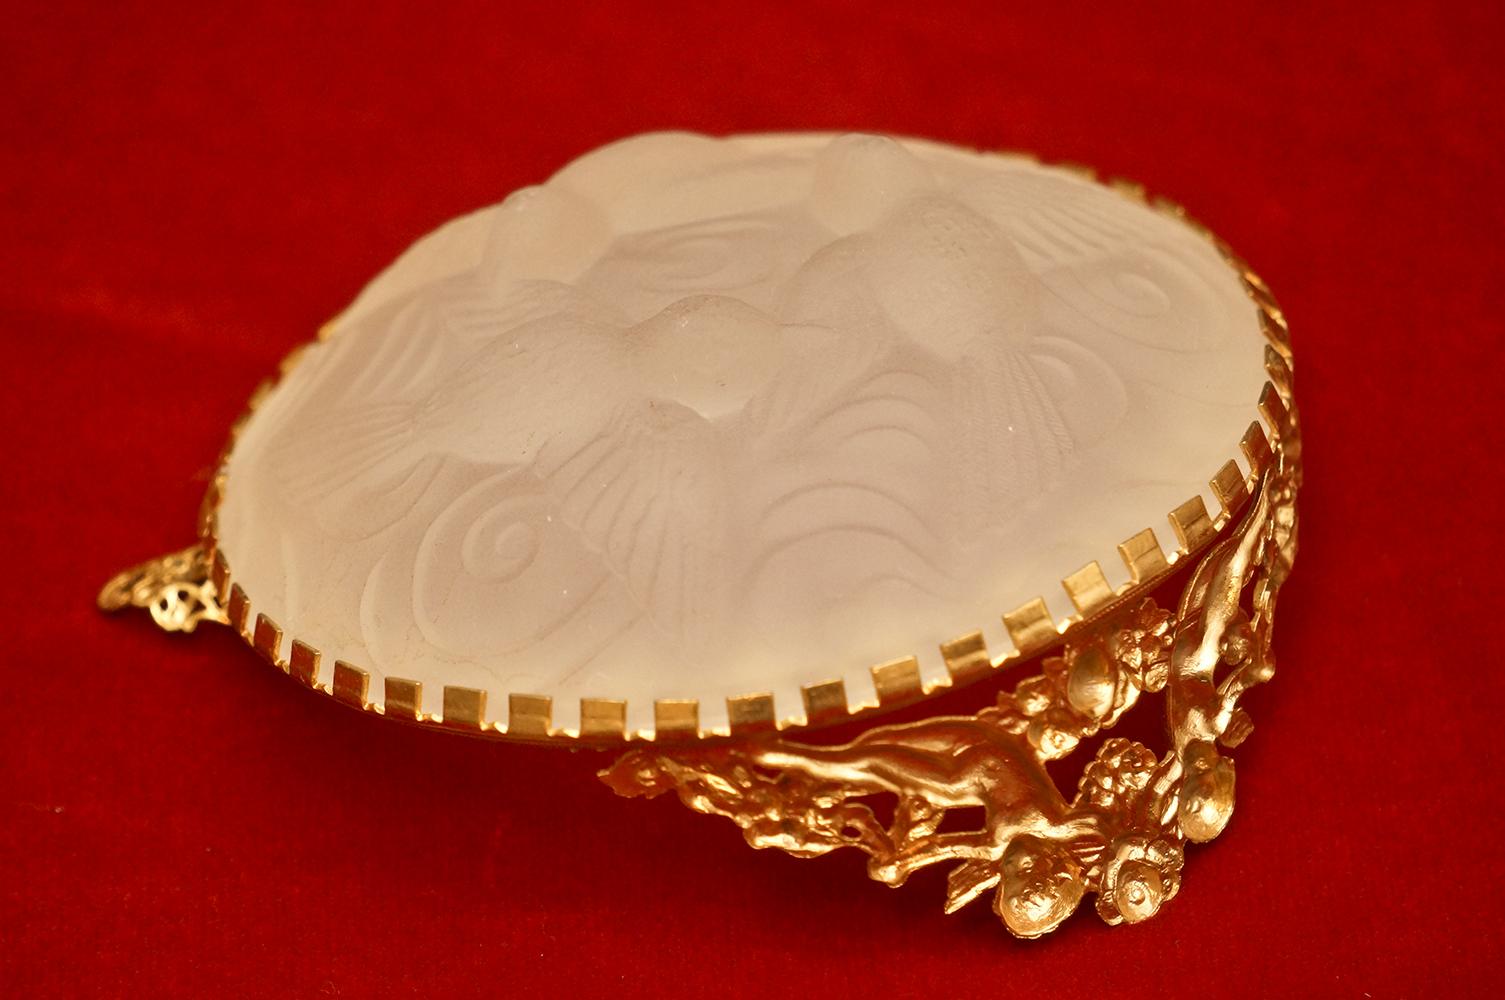 グローブ製 ゴールド 天使 アシュトレーⅡ 裏側